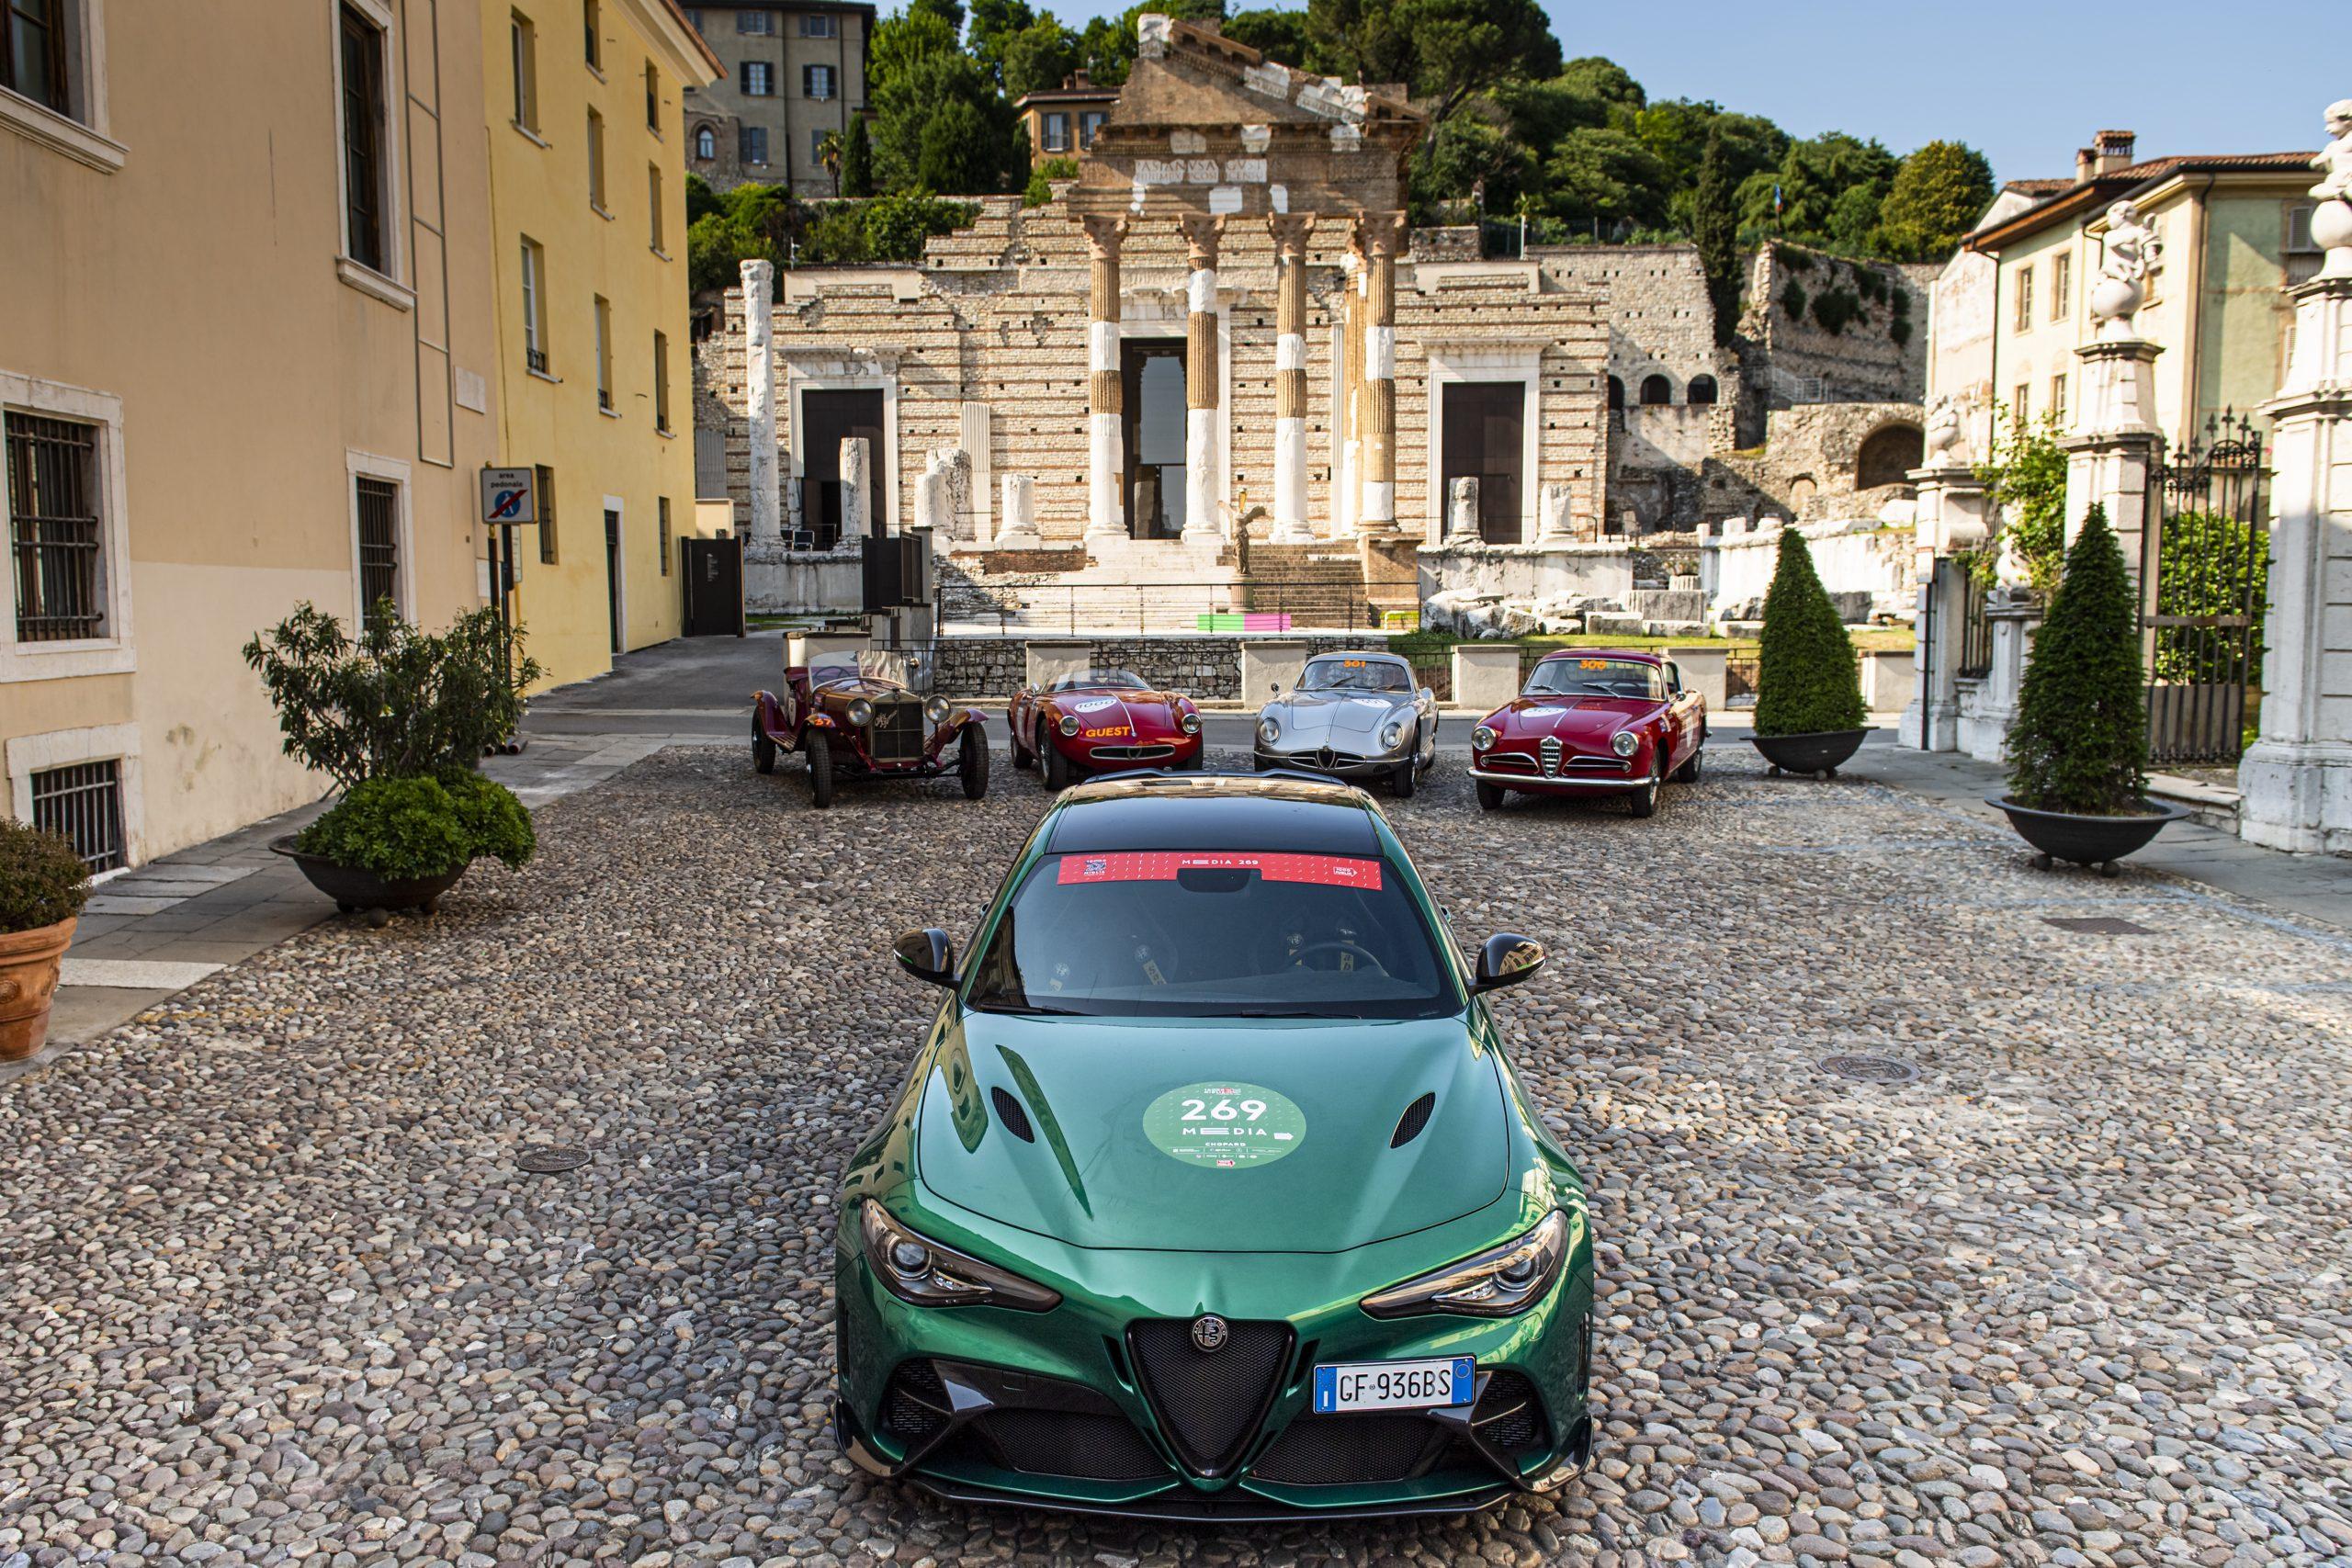 2NC7106 Modifica scaled 1000 Miglia 2021 : Η τελετή πιστοποίησης που αφιερώνεται στους λάτρεις των κλασσικών αυτοκινήτων 1000 Miglia, alfa romeo, Alfa Romeo Giulia, Alfa Romeo Giulia GTA, Alfa Romeo Giulia GTAm, Mille Miglia, retro, ειδήσεις, Νέα